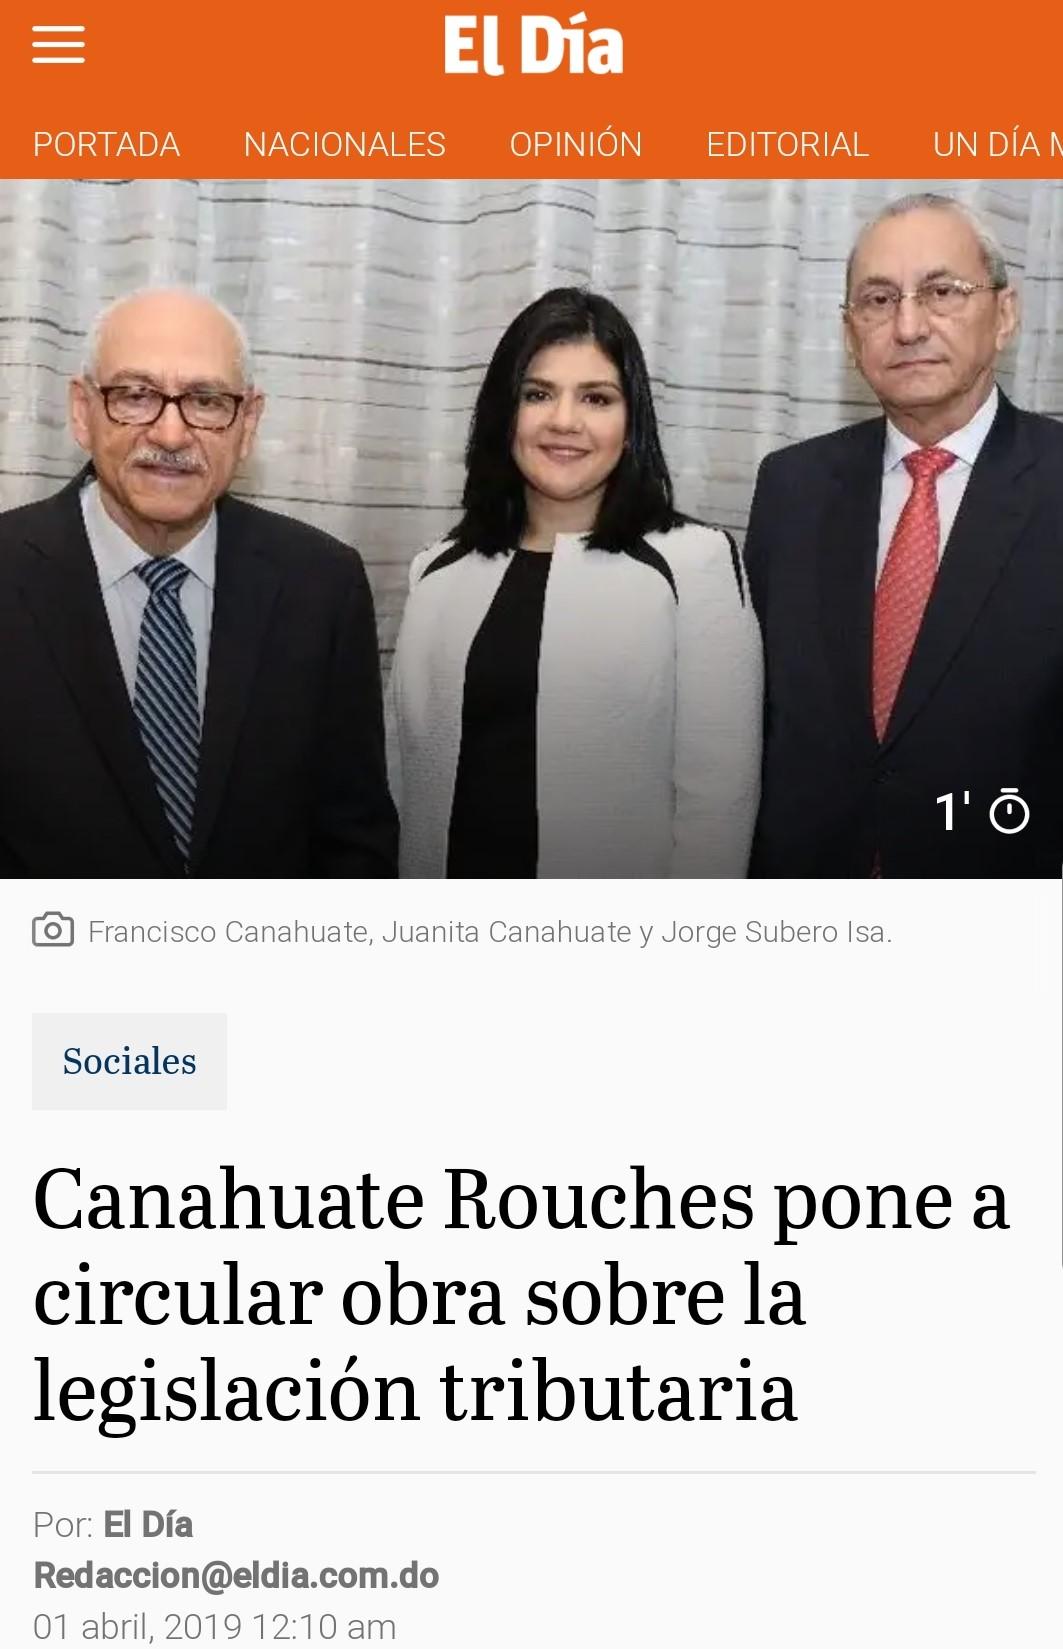 Canahuate Rouchès pone a circular obra sobre la Legislación Tributaria Dominicana